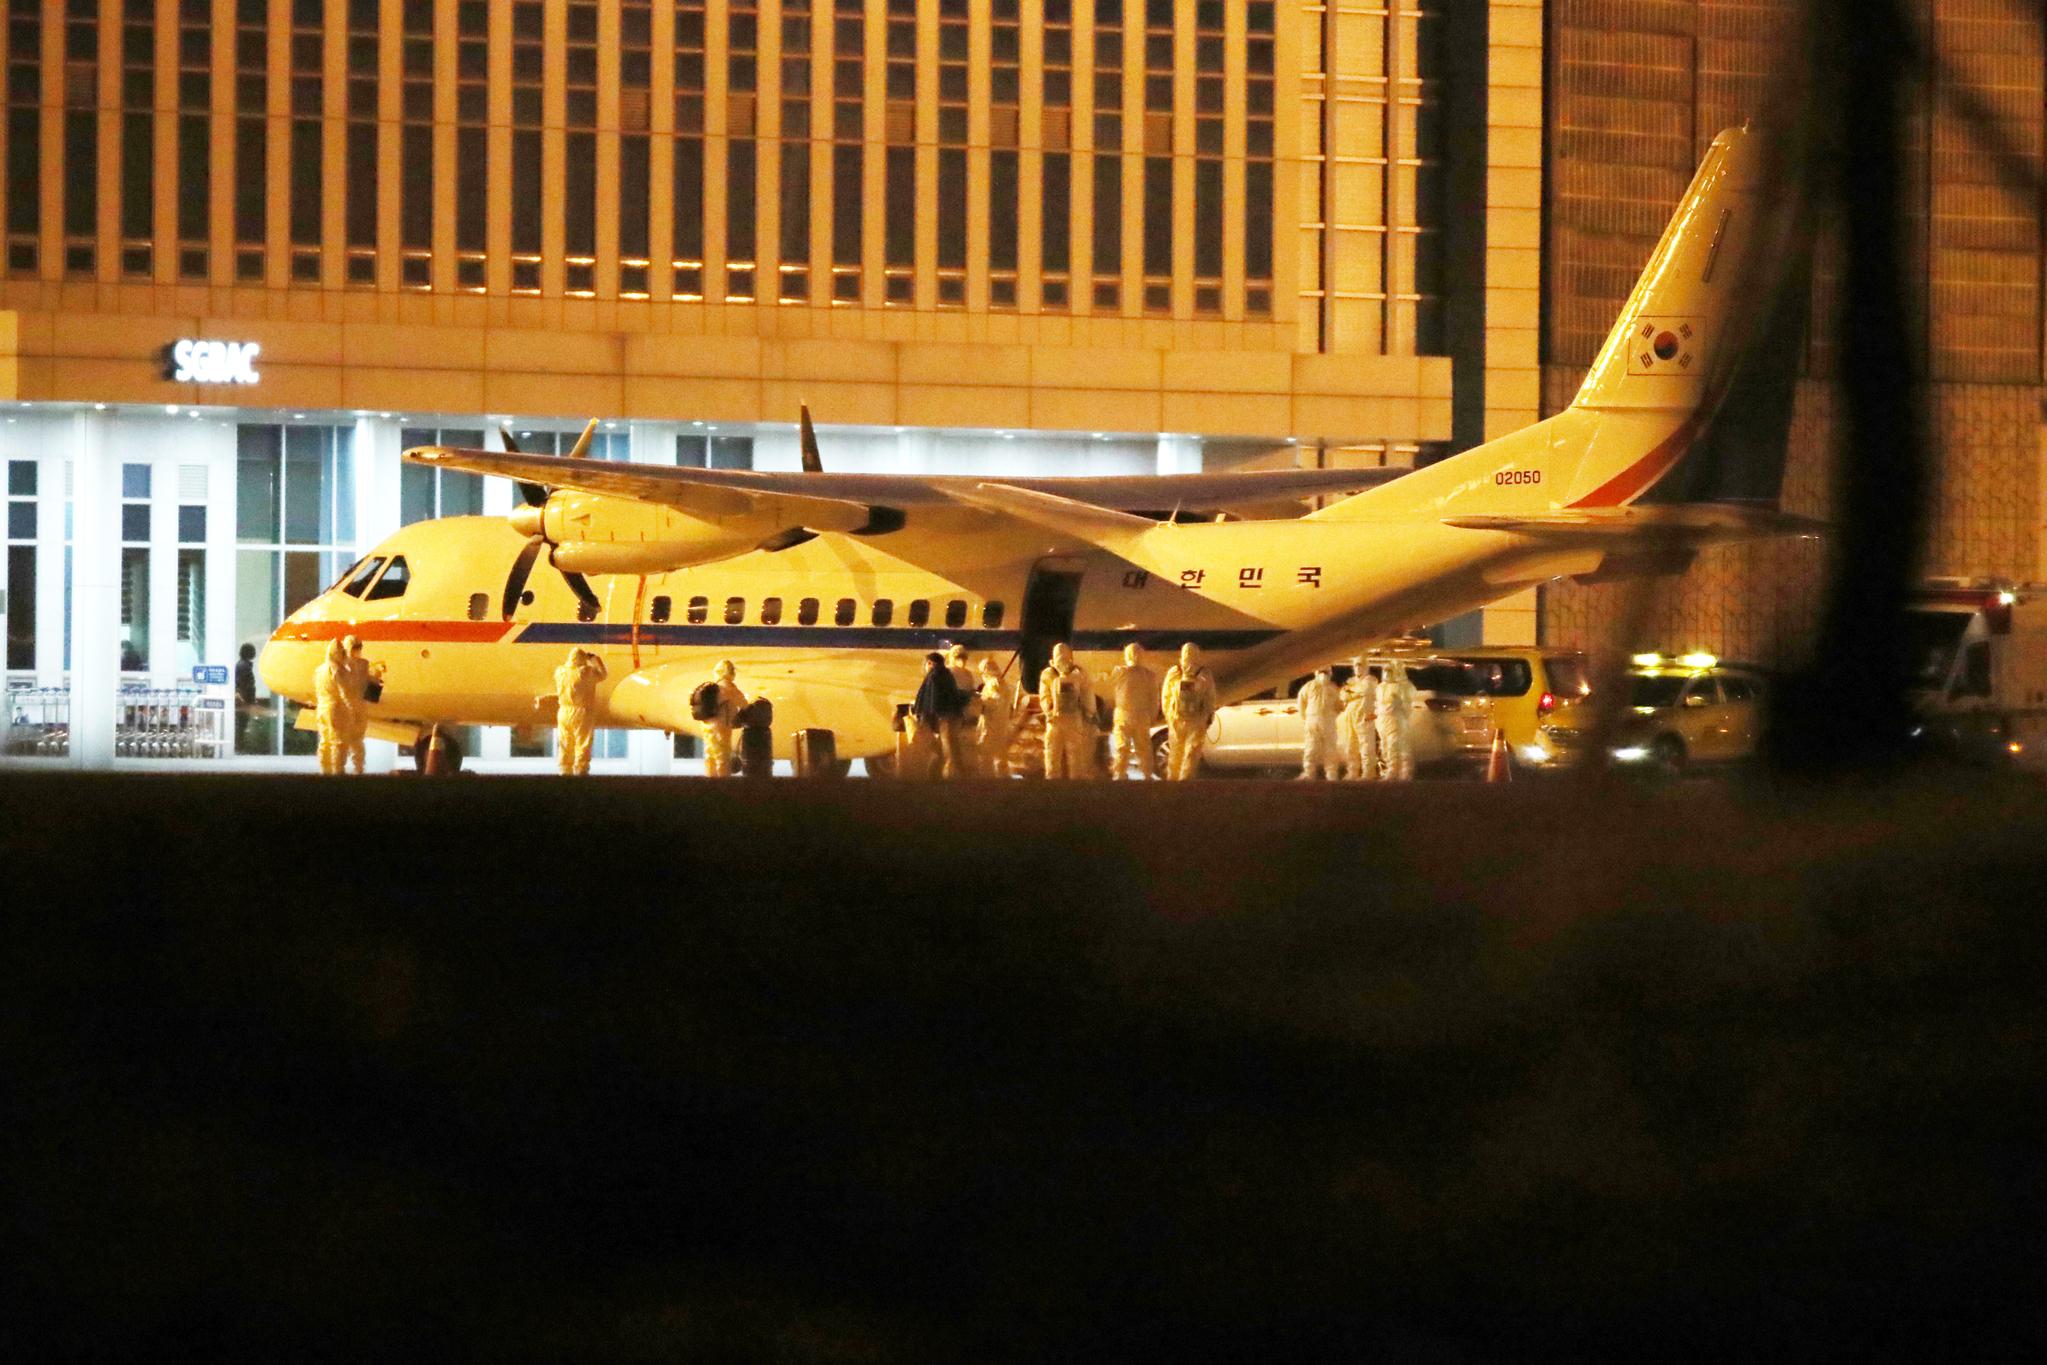 19일 오전 일본 요코하마(橫浜)항에 정박한 크루즈선 '다이아몬드 프린세스'에서 하선한 한국인 6명과 일본인 배우자 1명을 태운 대통령 전용기(공군 3호기)가 김포국제공항에 도착하고 있다. 김성룡 기자